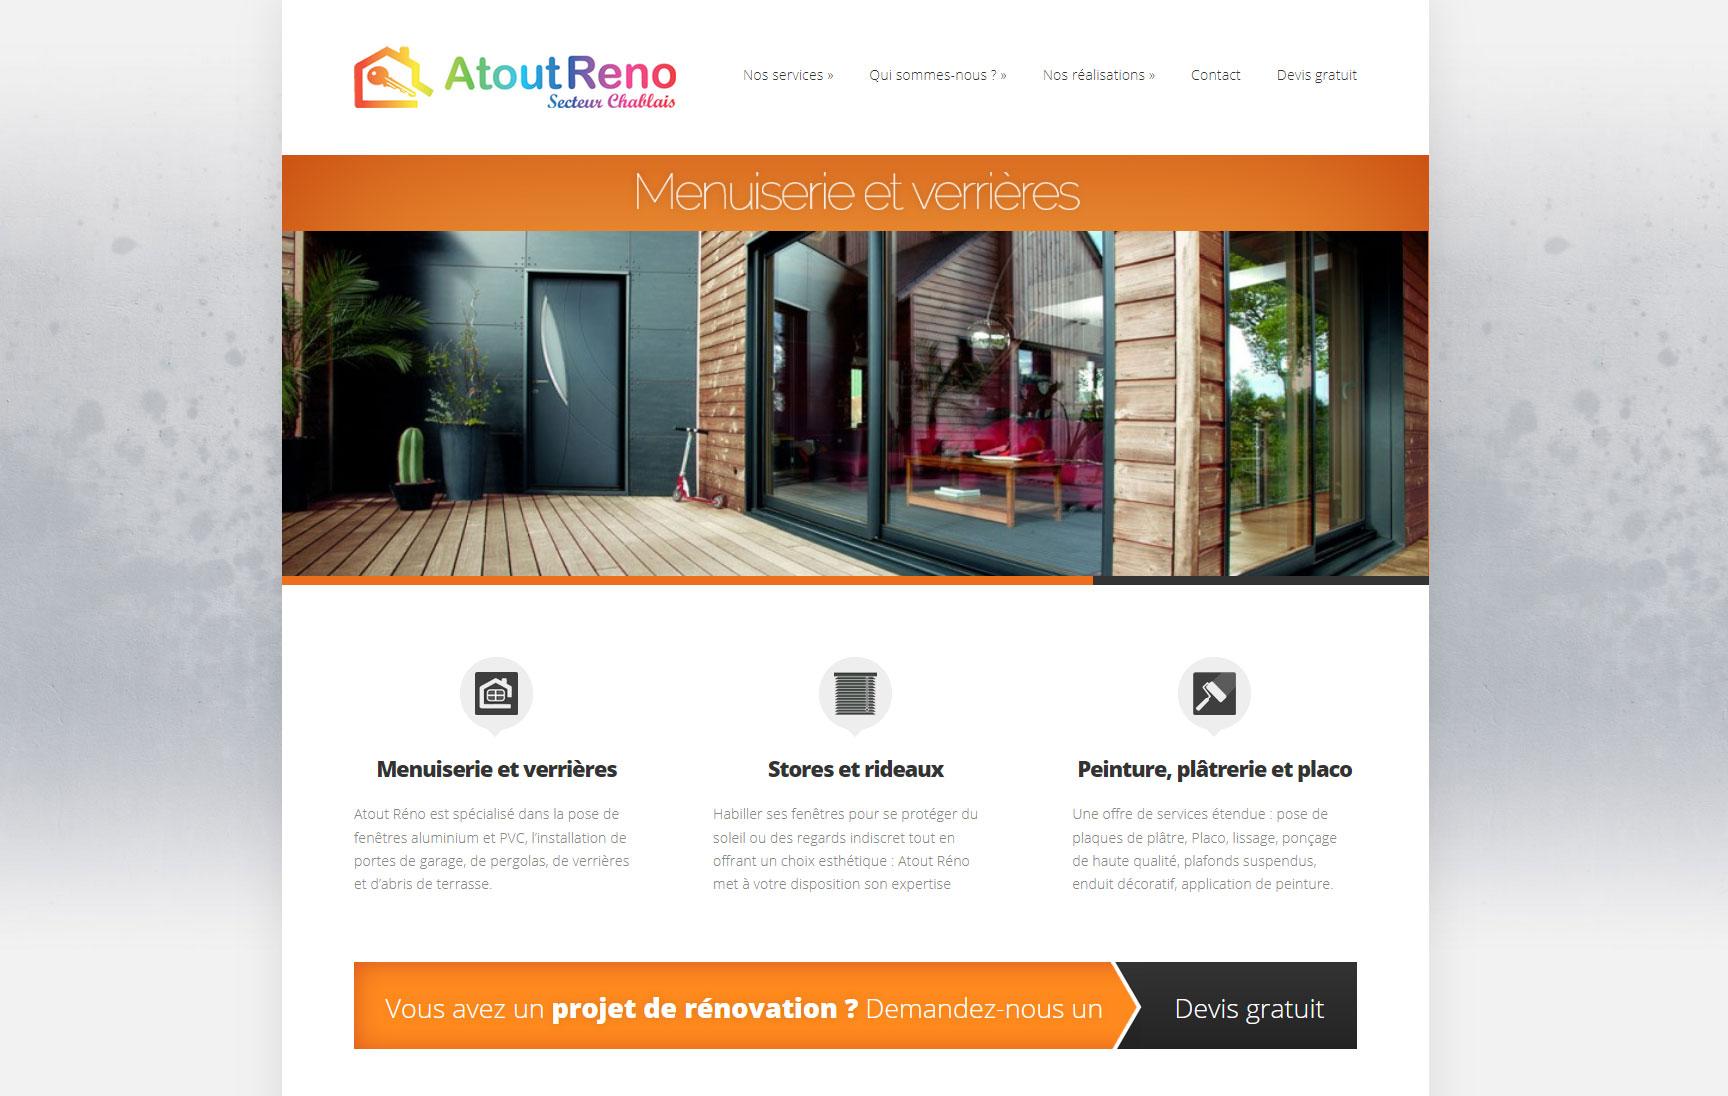 Refonte du site Atout Réno - Graphisme, ergonomie, webdesign